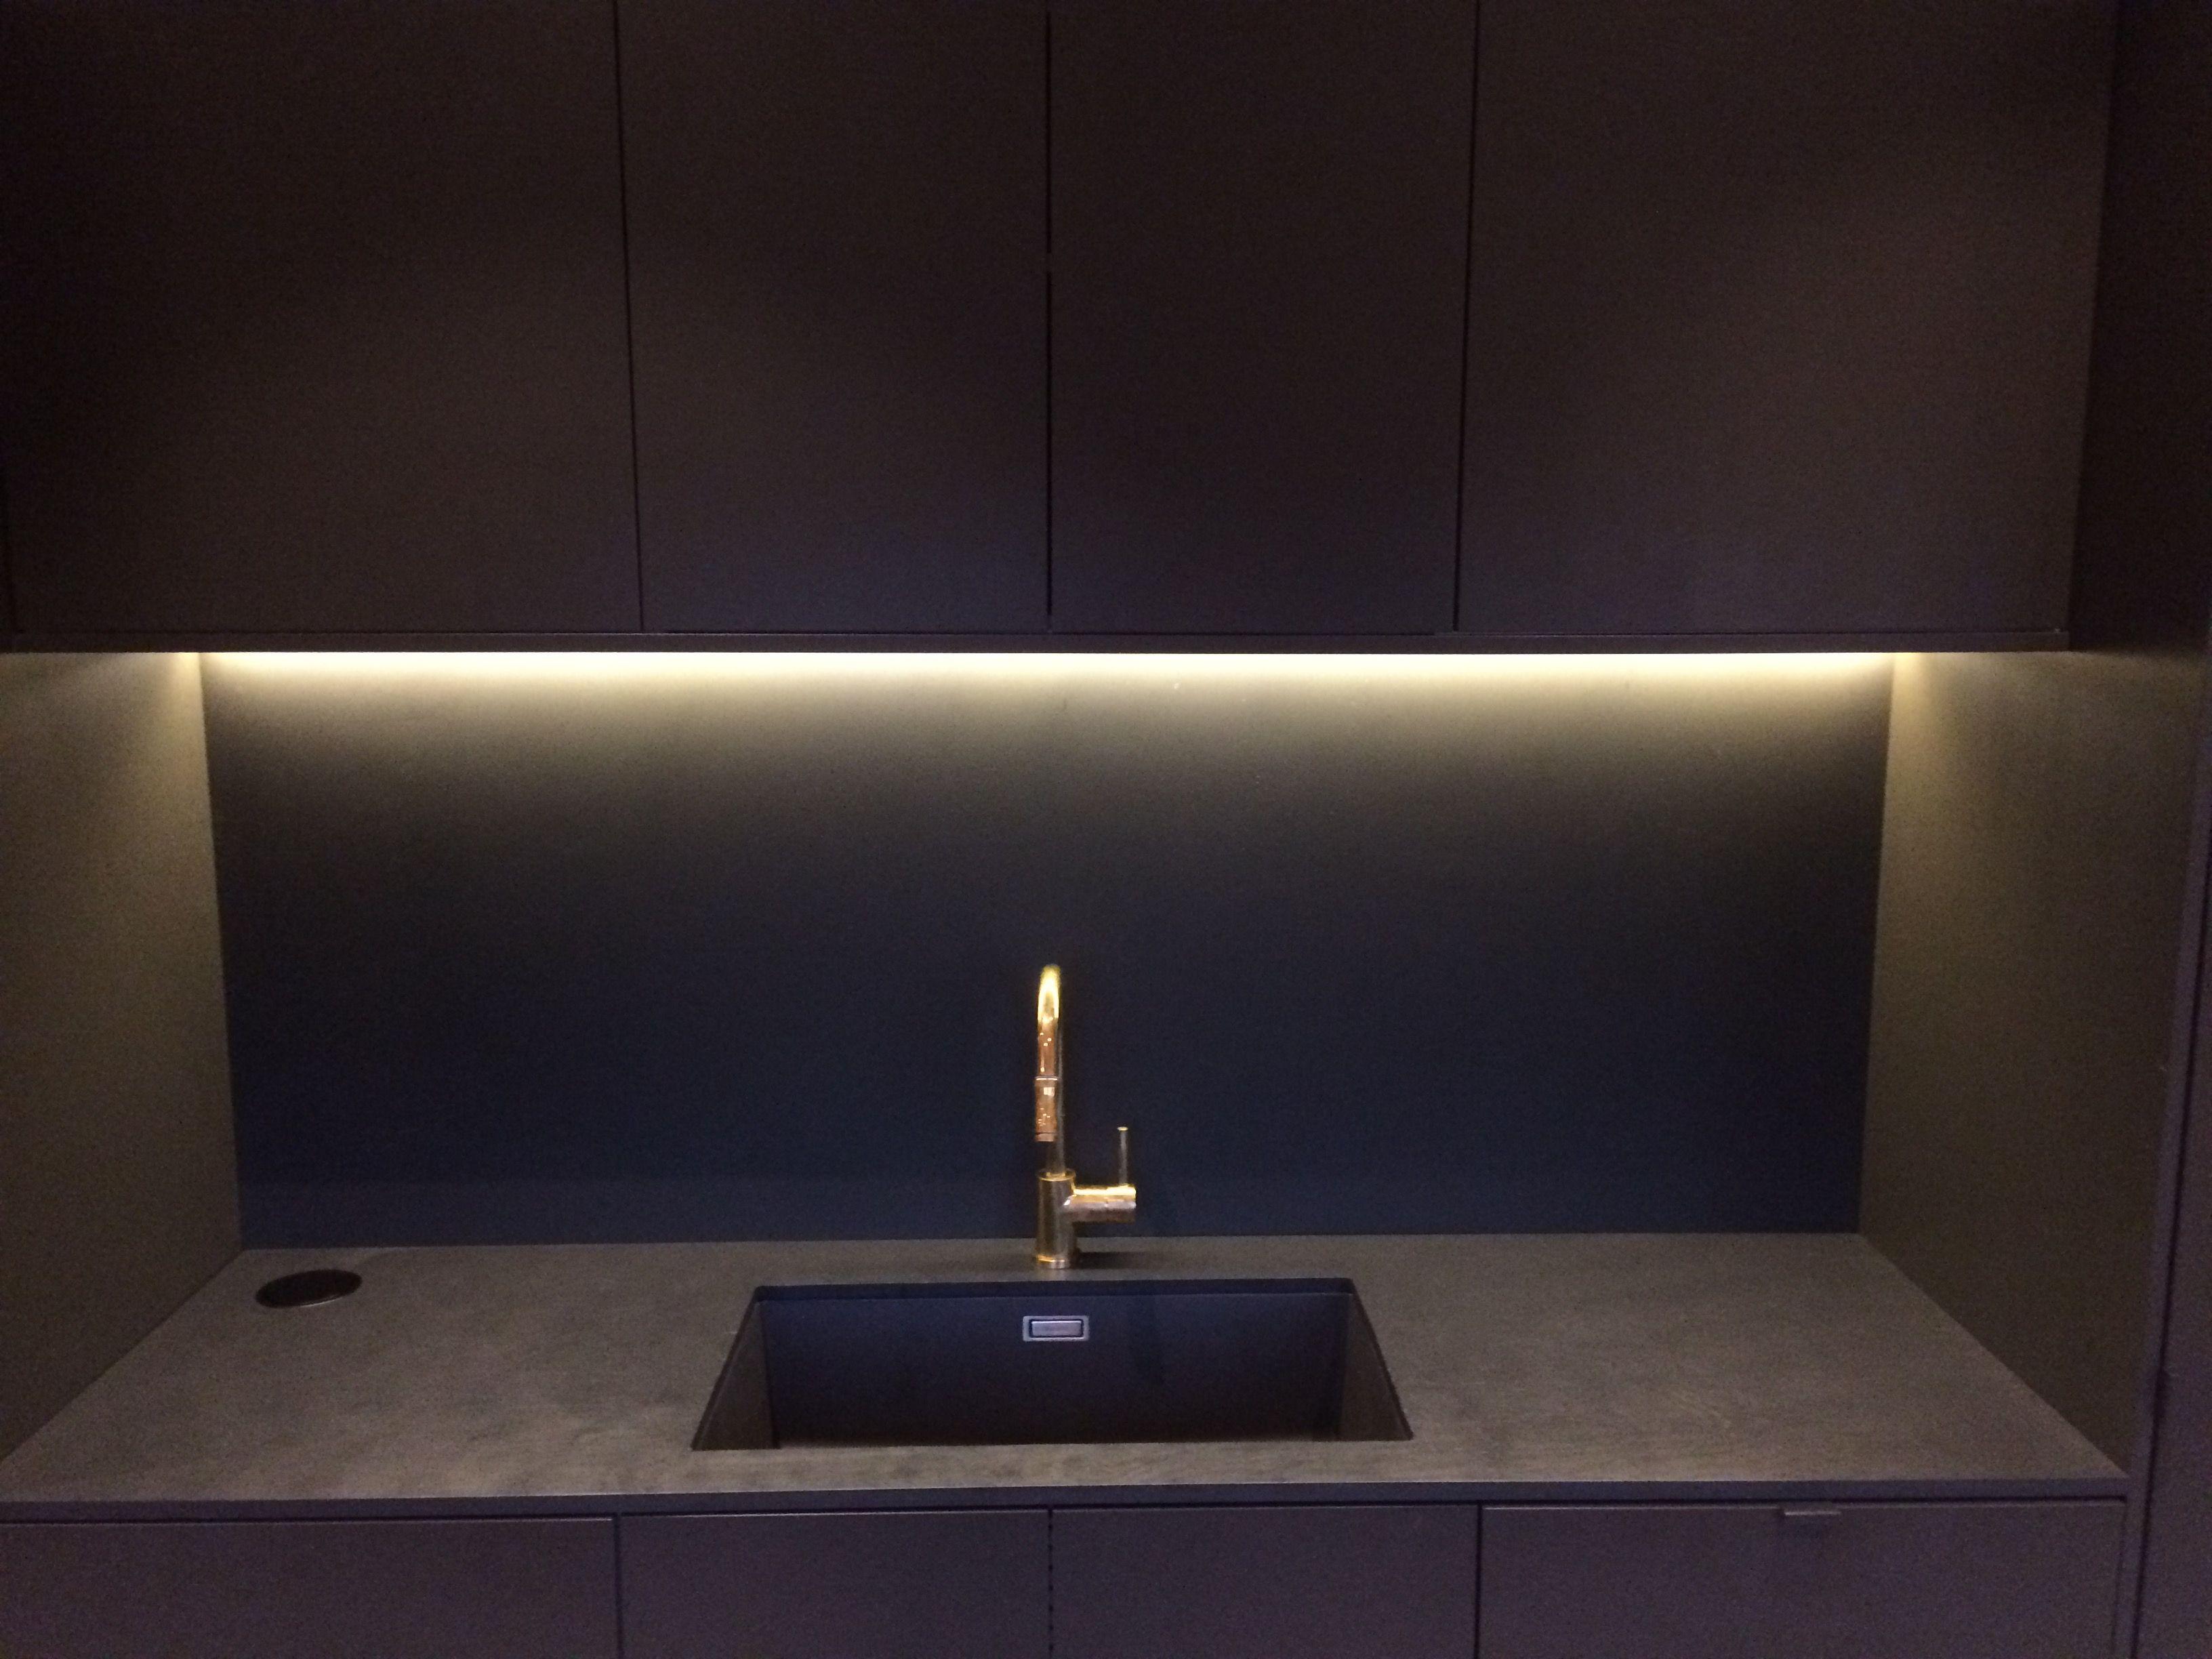 3e6c0d042524280d2849396341acaeba Luxe De Ikea Table Ronde Conception